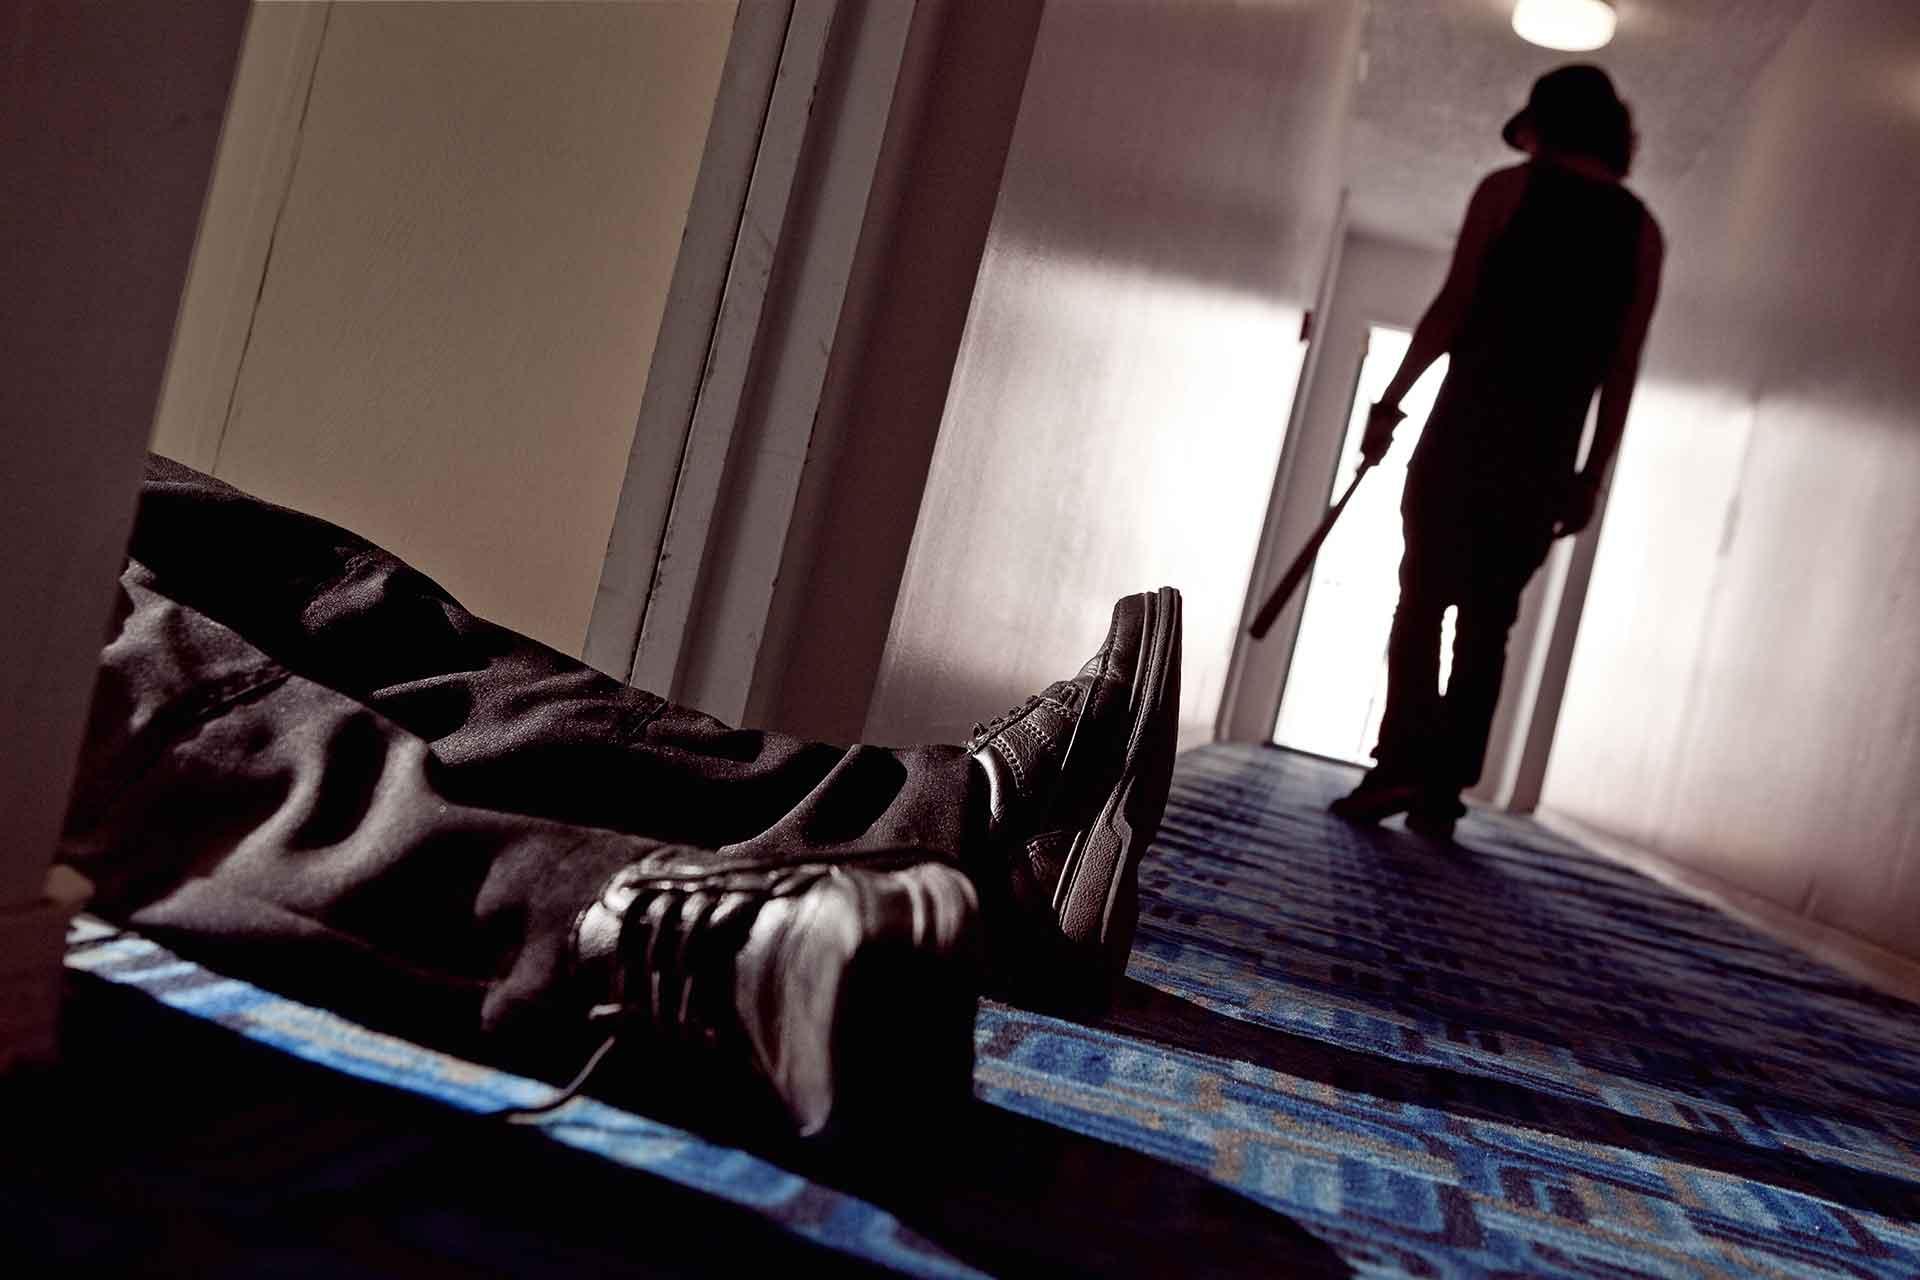 Spraakmakende strafzaken - Dood raper Rel